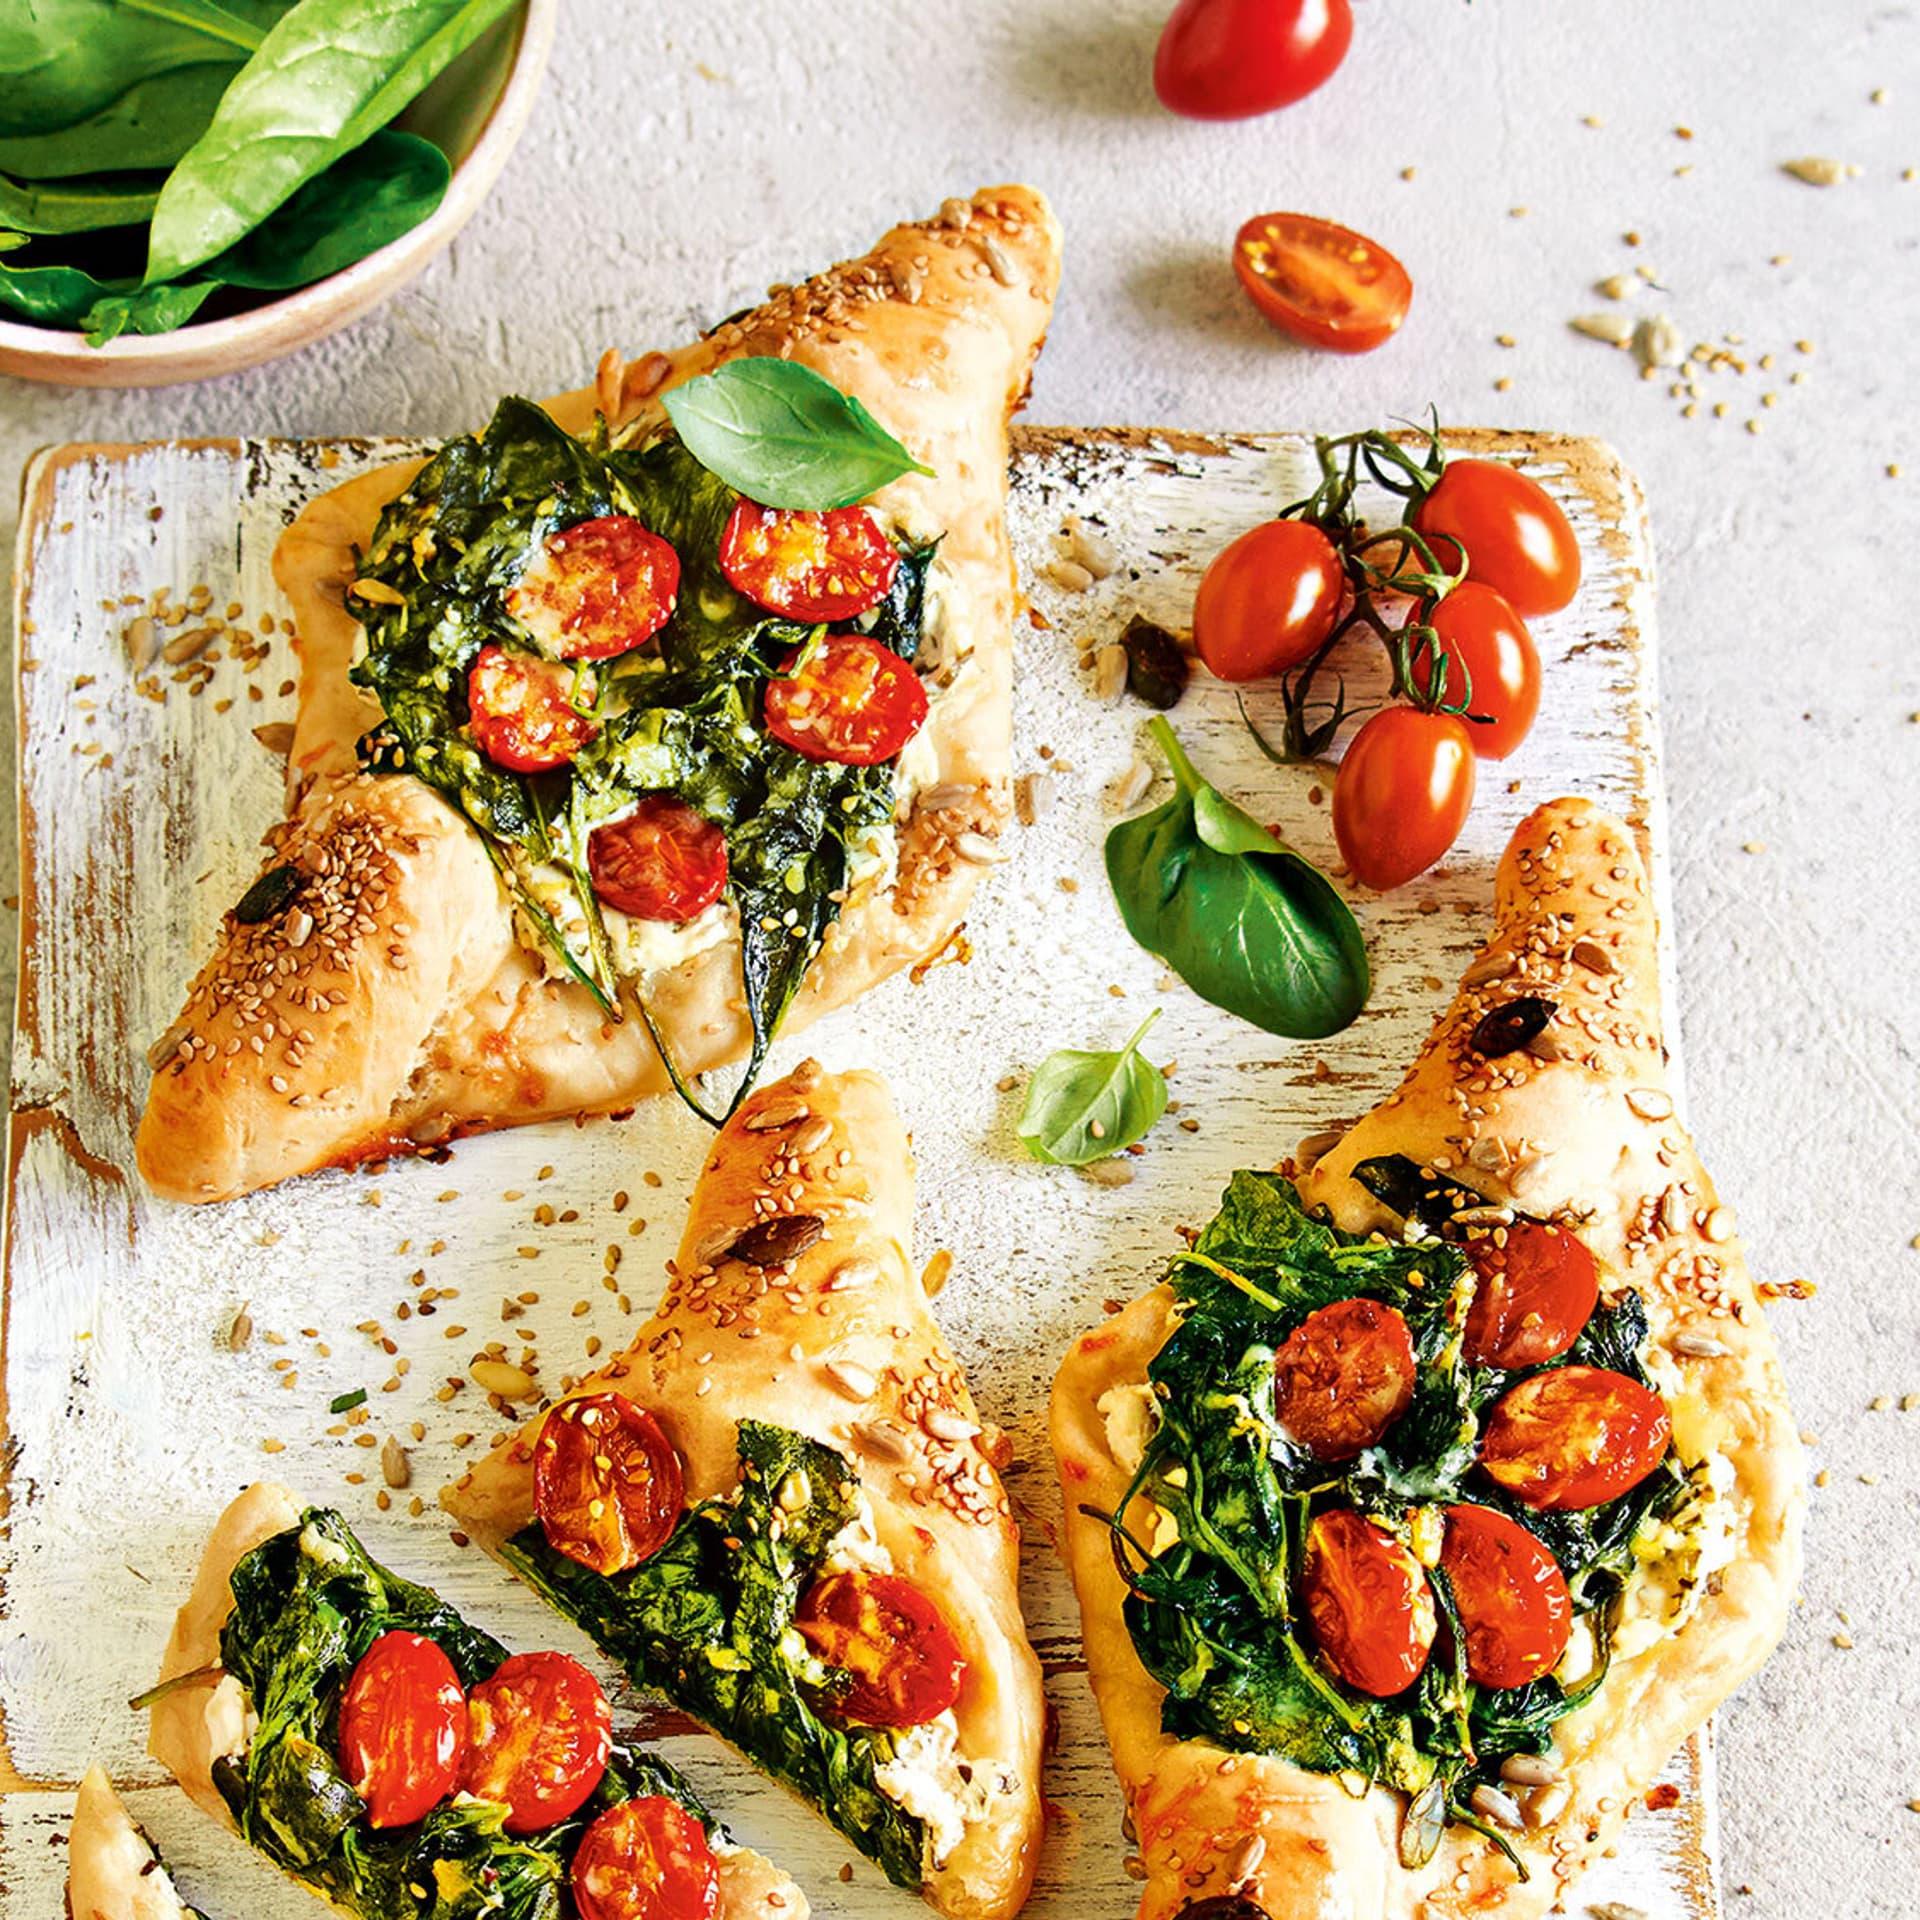 Rautenförmige, kleine Pizzas belegt mit Kirschtomaten udn Spinat